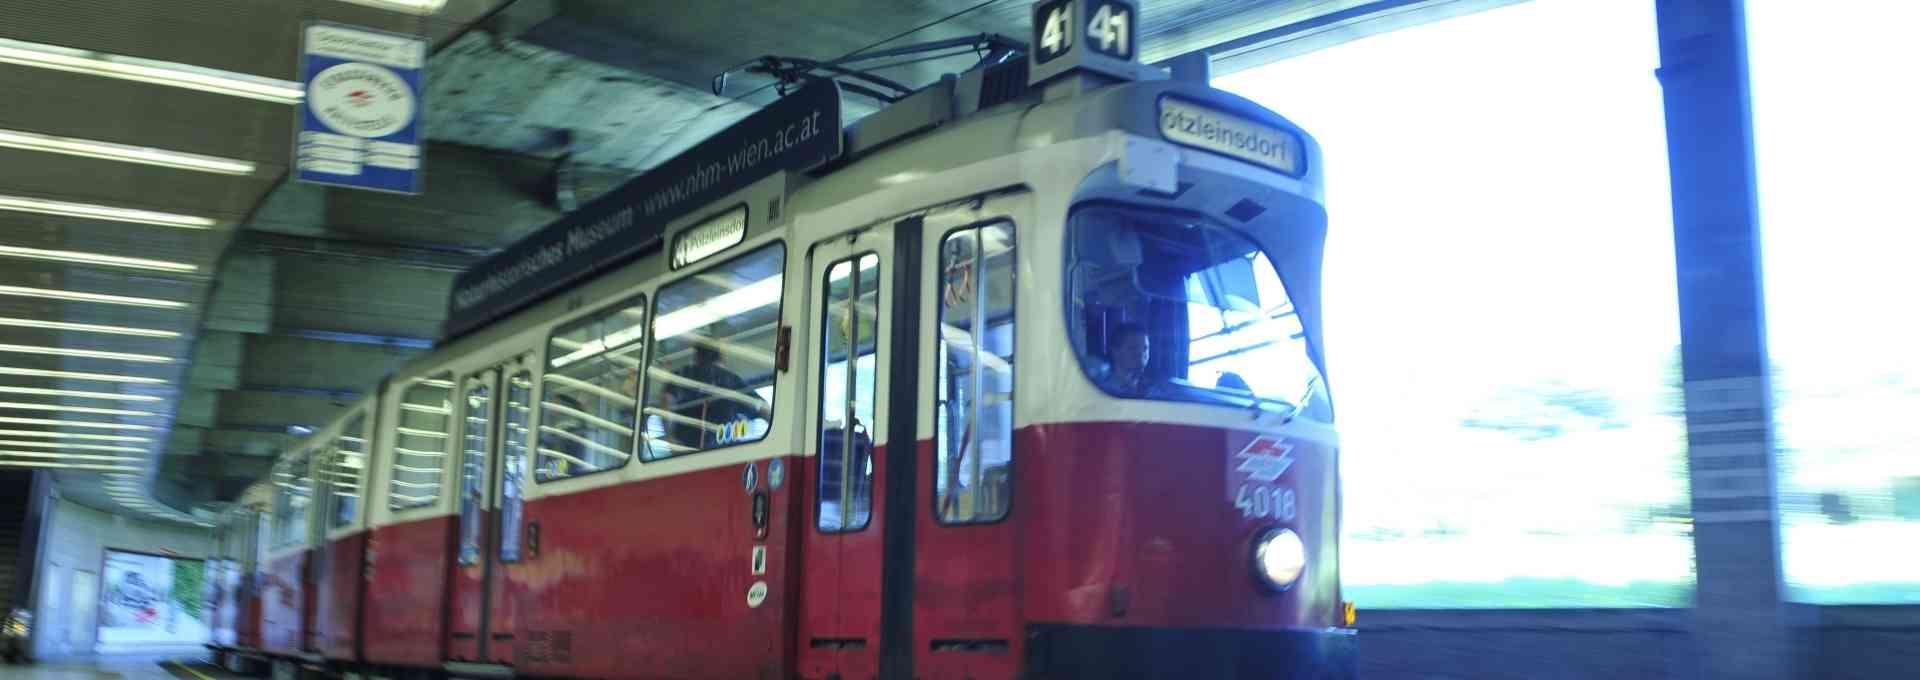 Strassenbahn der Linie 41 im Bereich Schottentor / Universität.